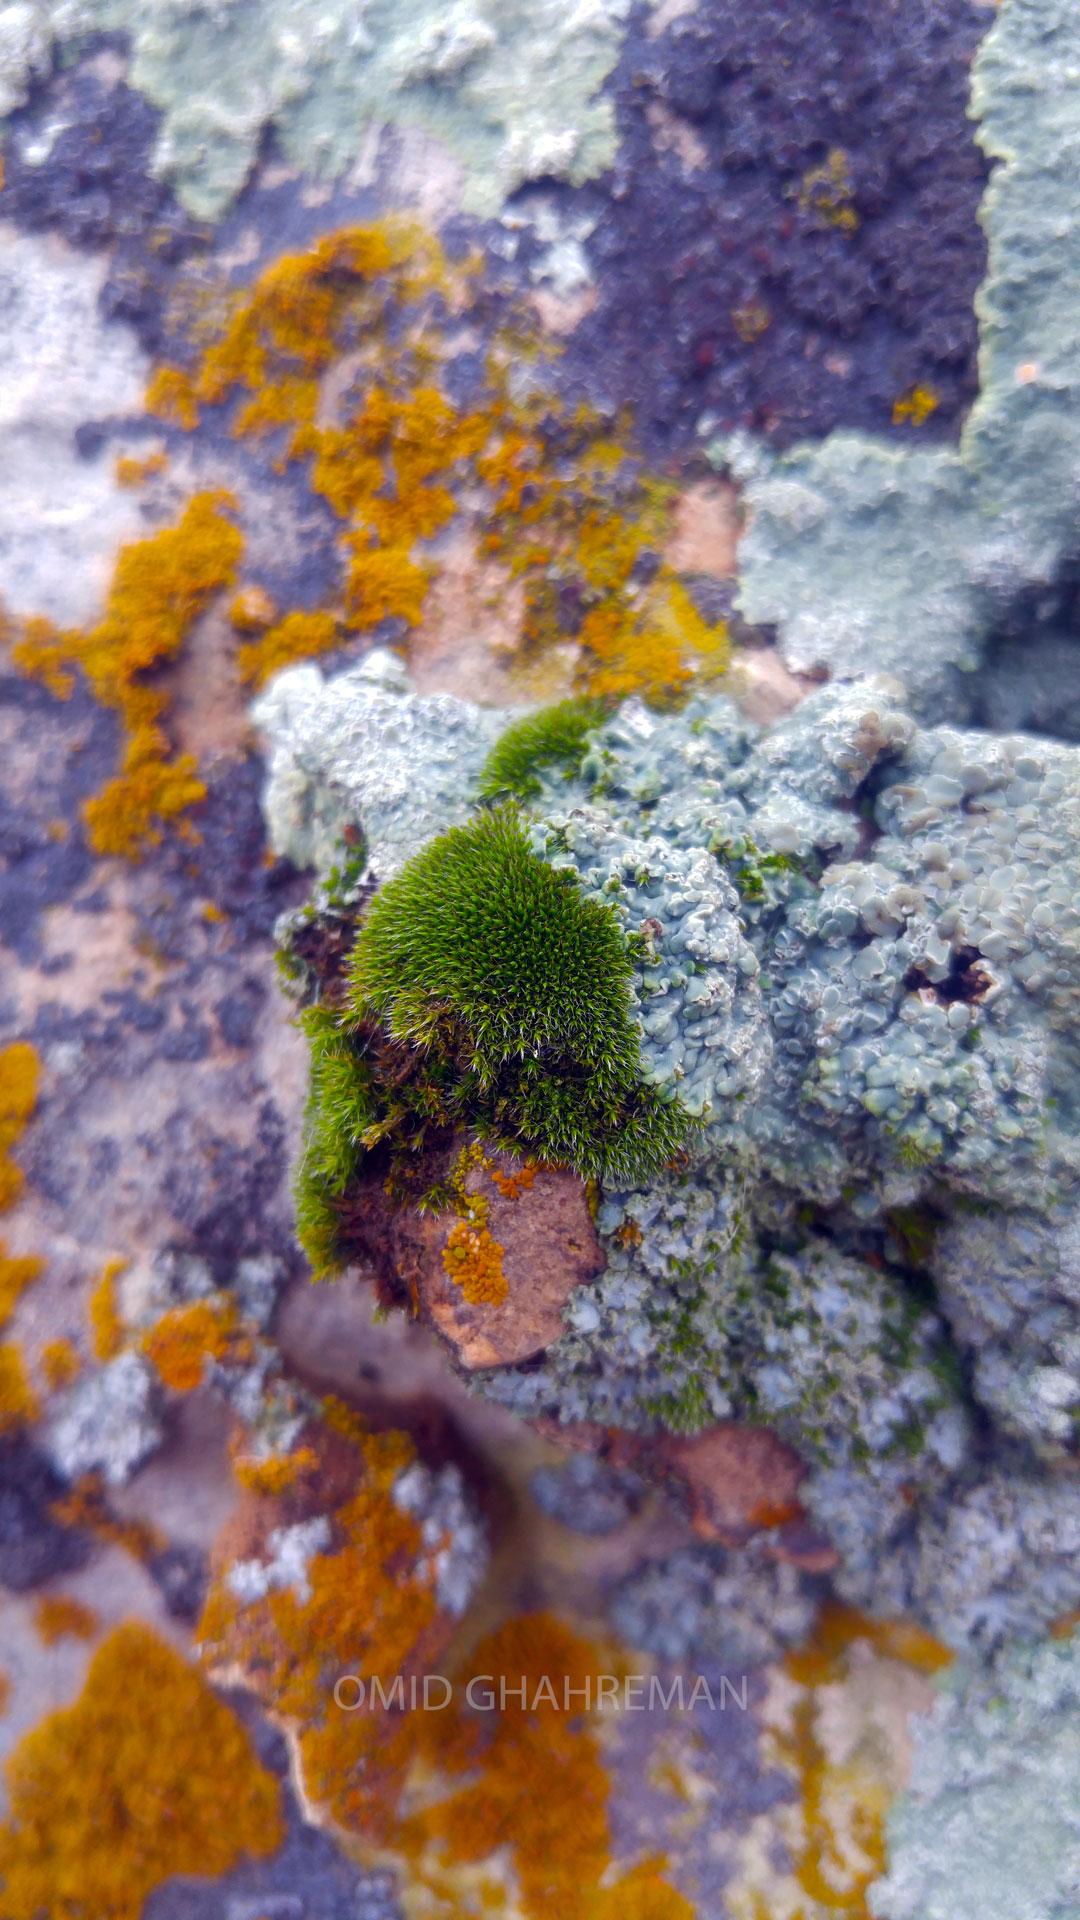 زیبایی بر روی سنگ ها